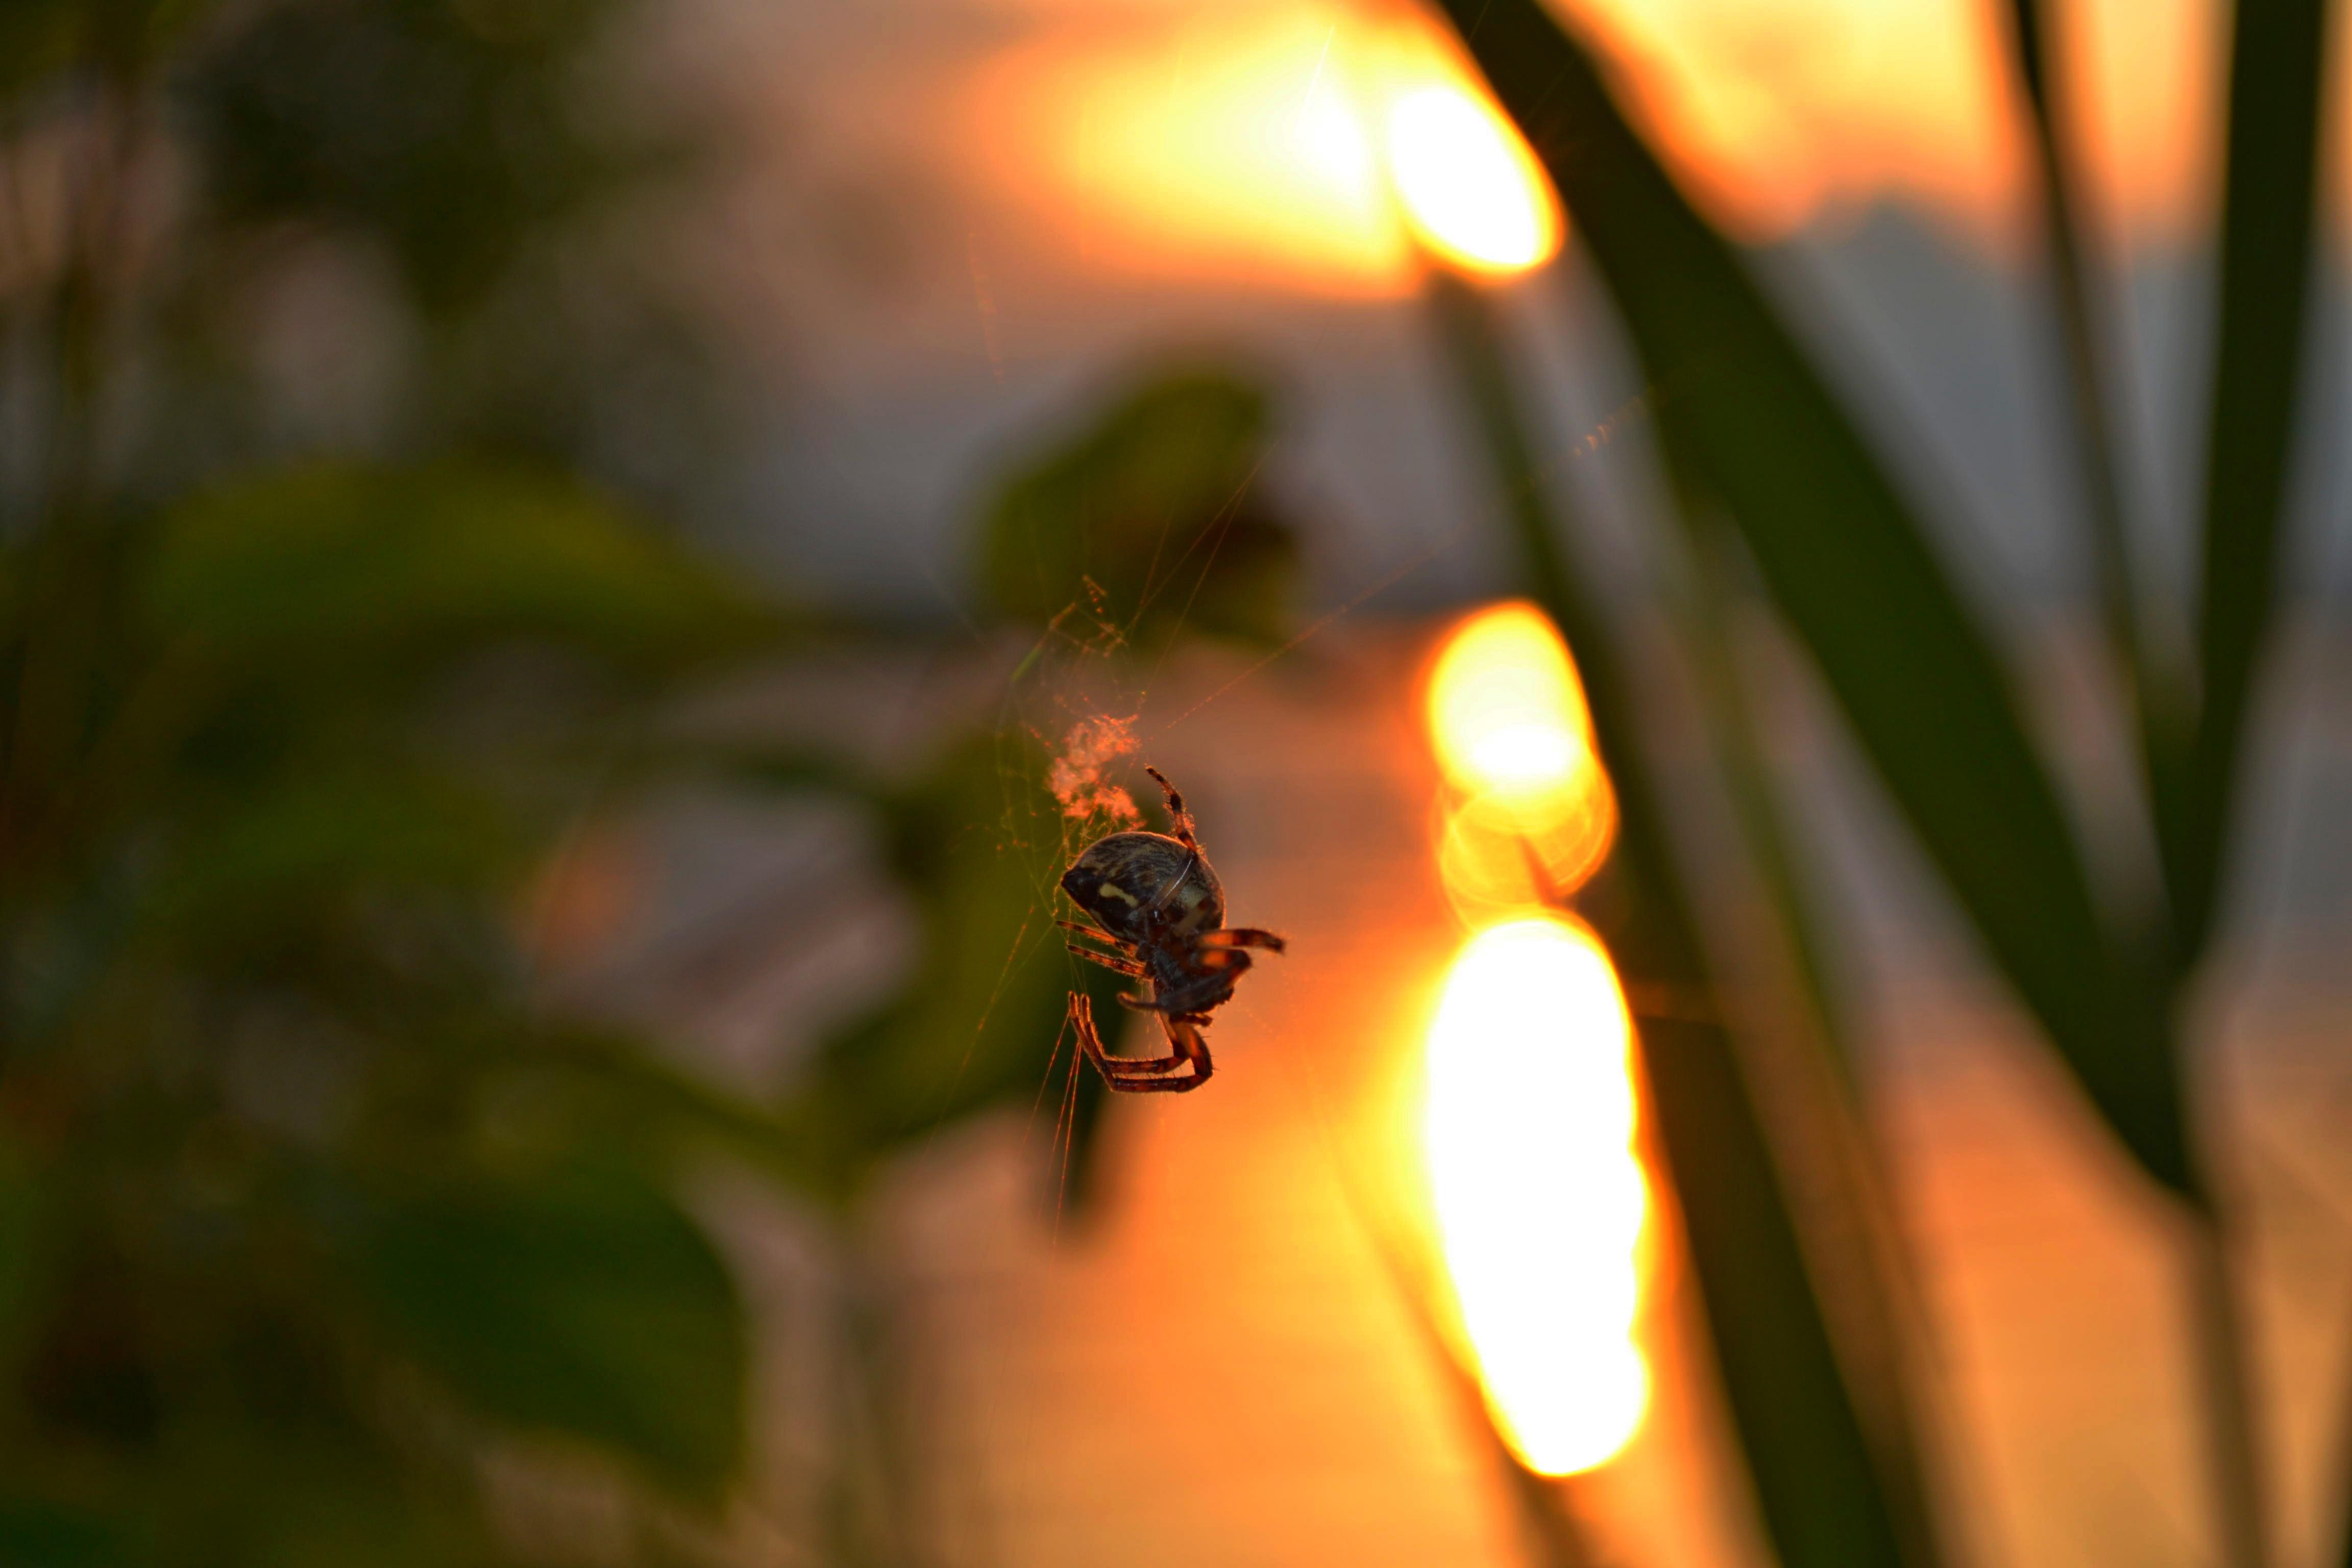 http://images.sevstar.net/images/28529756419184953155.jpg